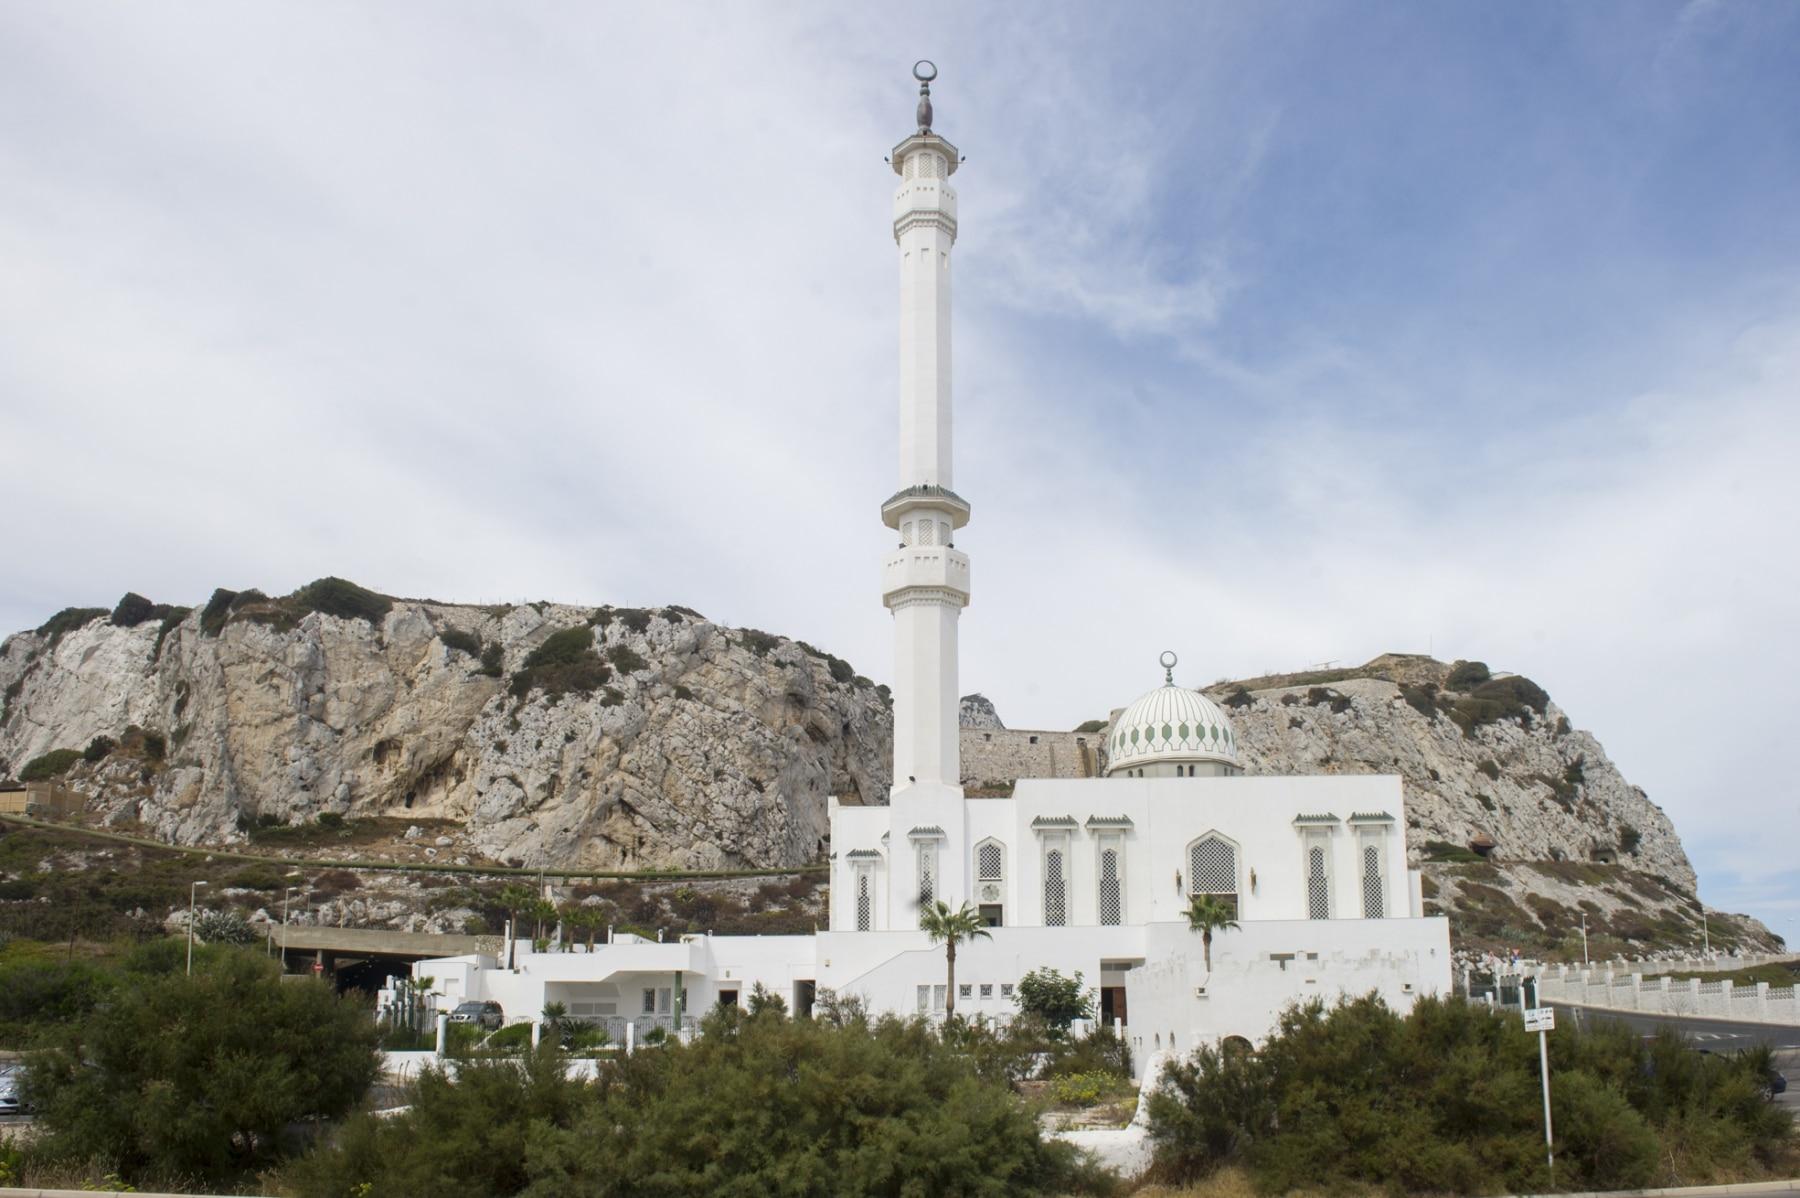 turismo-en-gibraltar-092015-636_22555091140_o